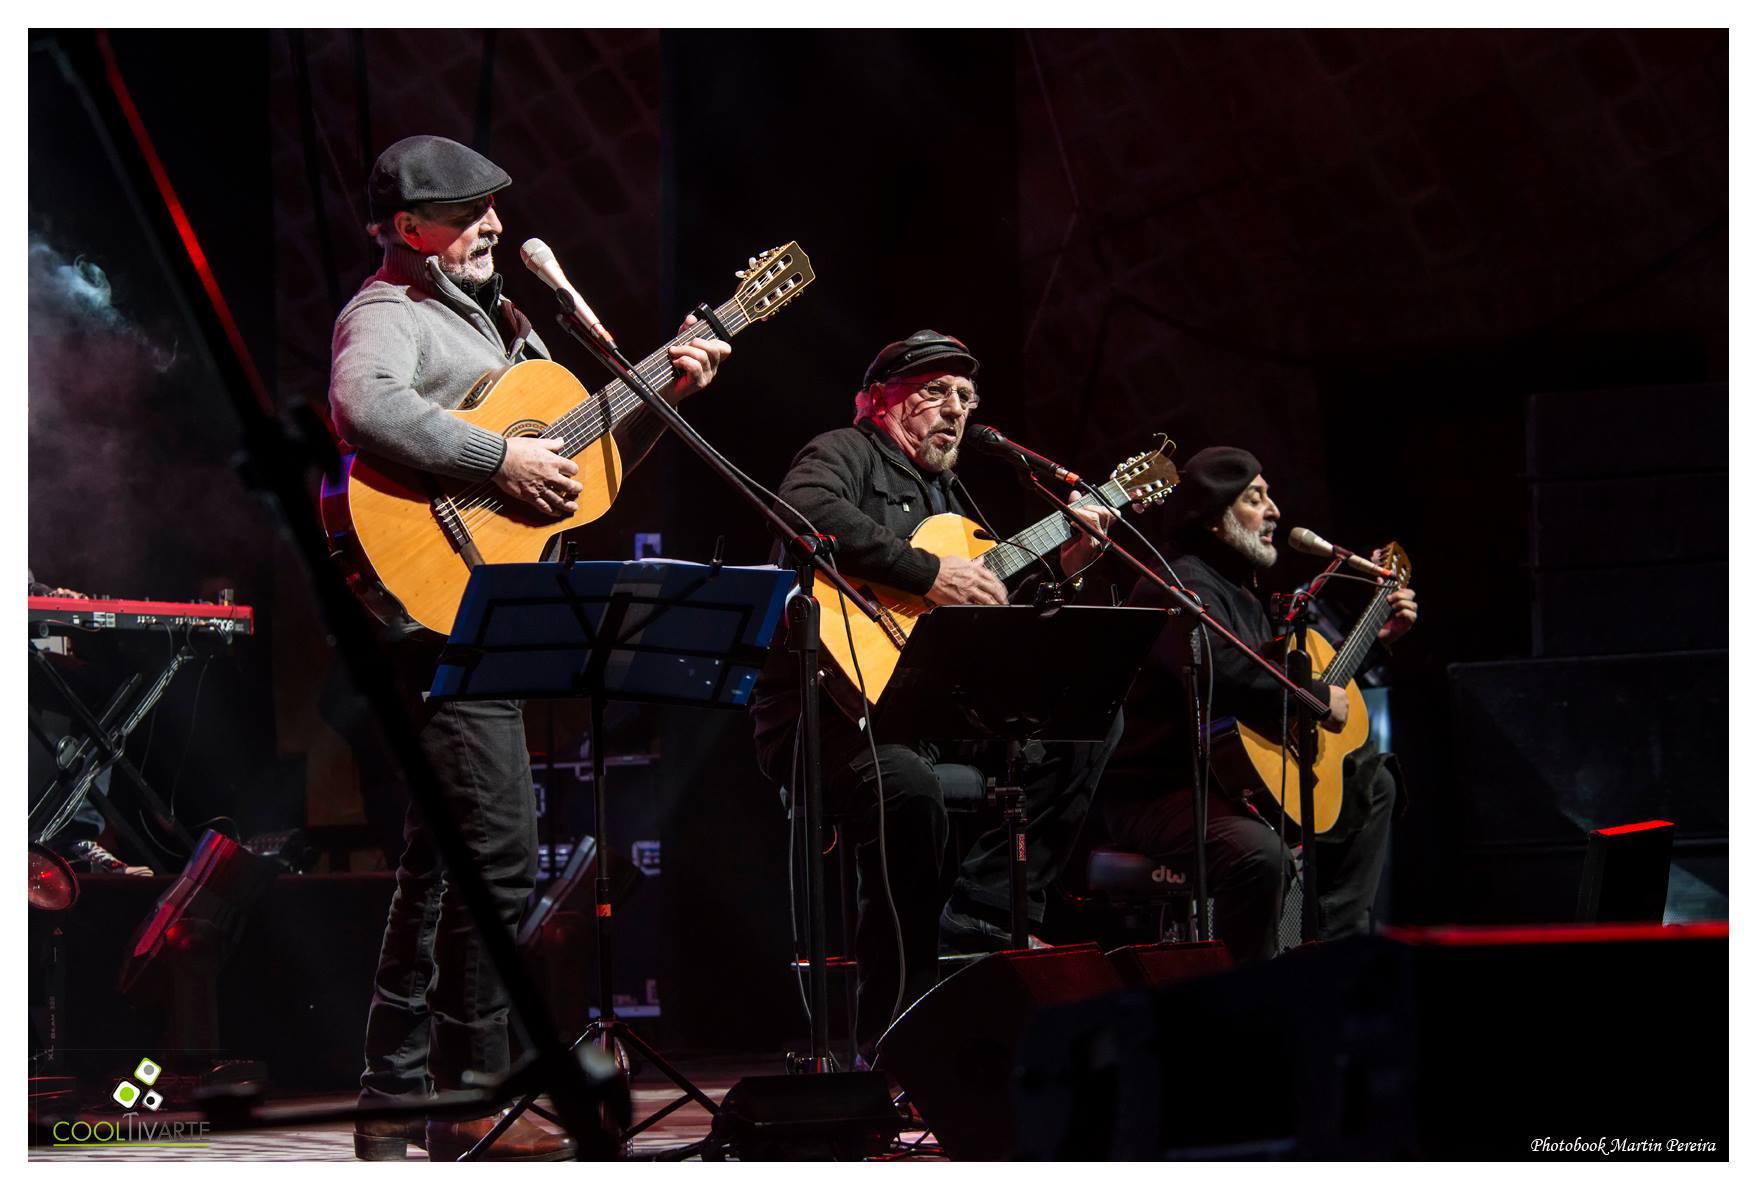 Histórico Pepe Guerra - Larbanois & Carrero - Teatro de verano - 23 de octubre 2015 - Foto © Martin Pereira